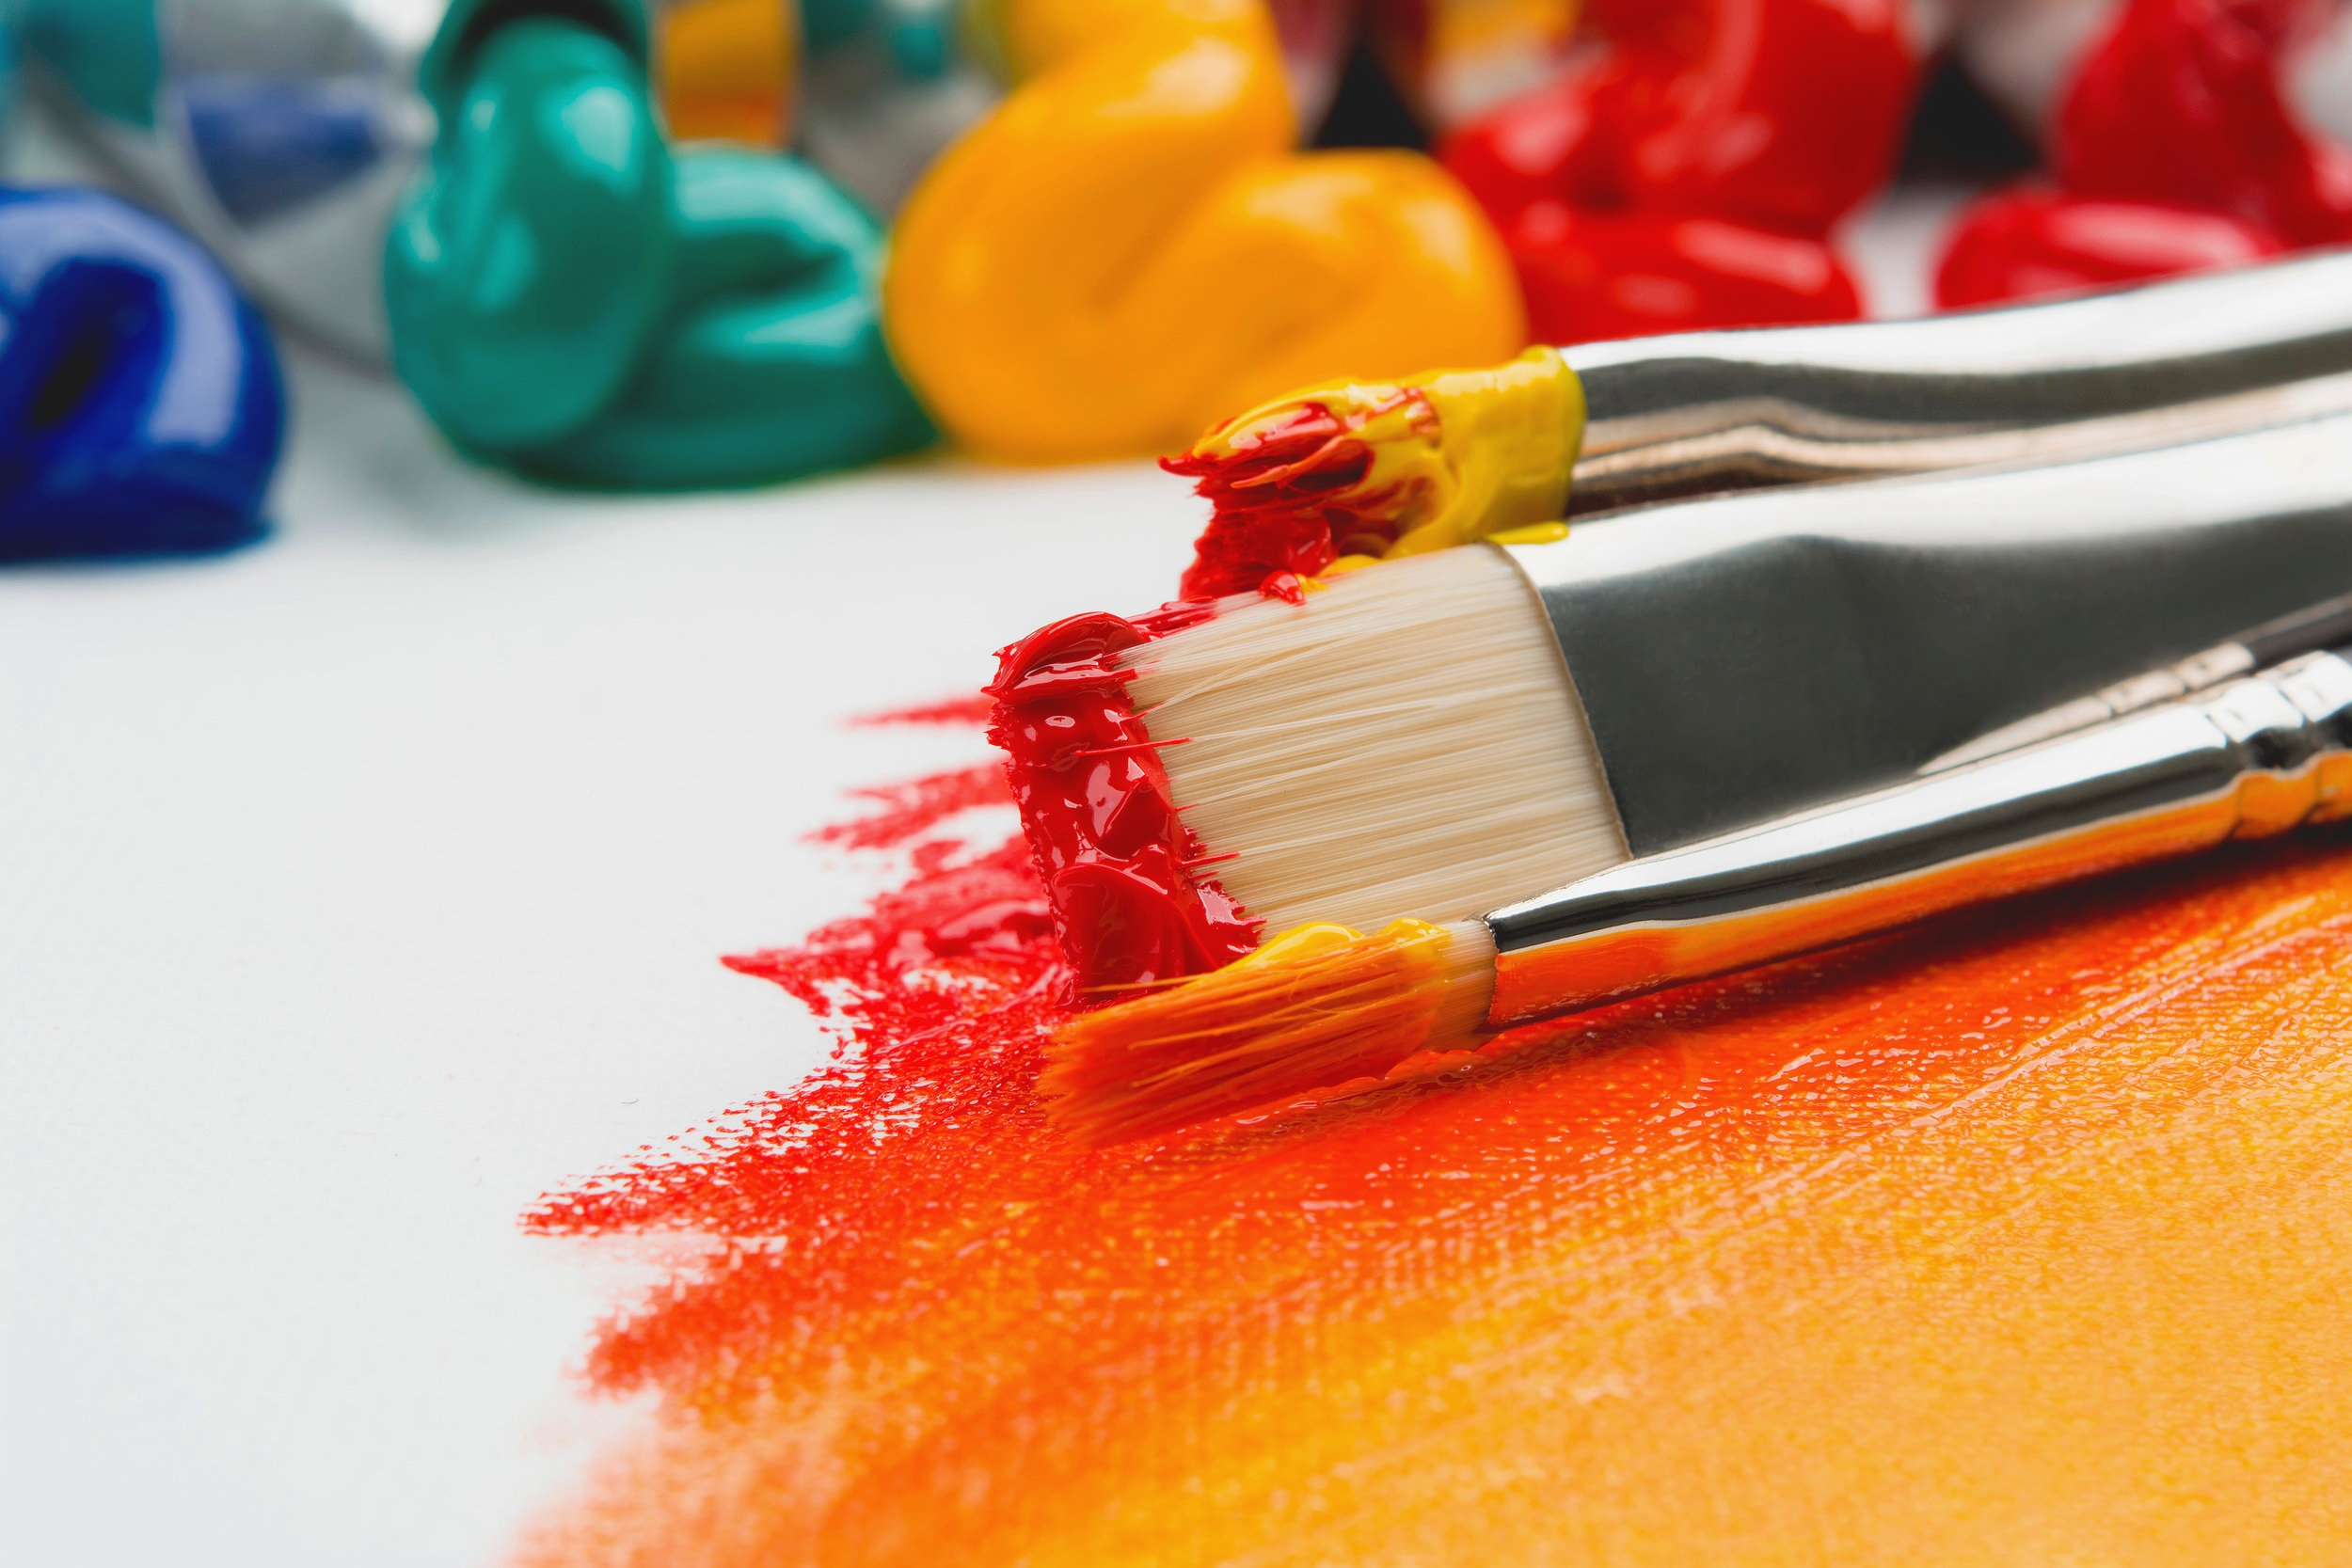 Арт ателие на английски: за деца на 6-12 г. - Би било прекрасно артистичното ви дете да може да посещава всяка седмица арт работилници, на които постоянно да учи нови неща за изкуството, да твори и дори да упражнява английския си, нали?